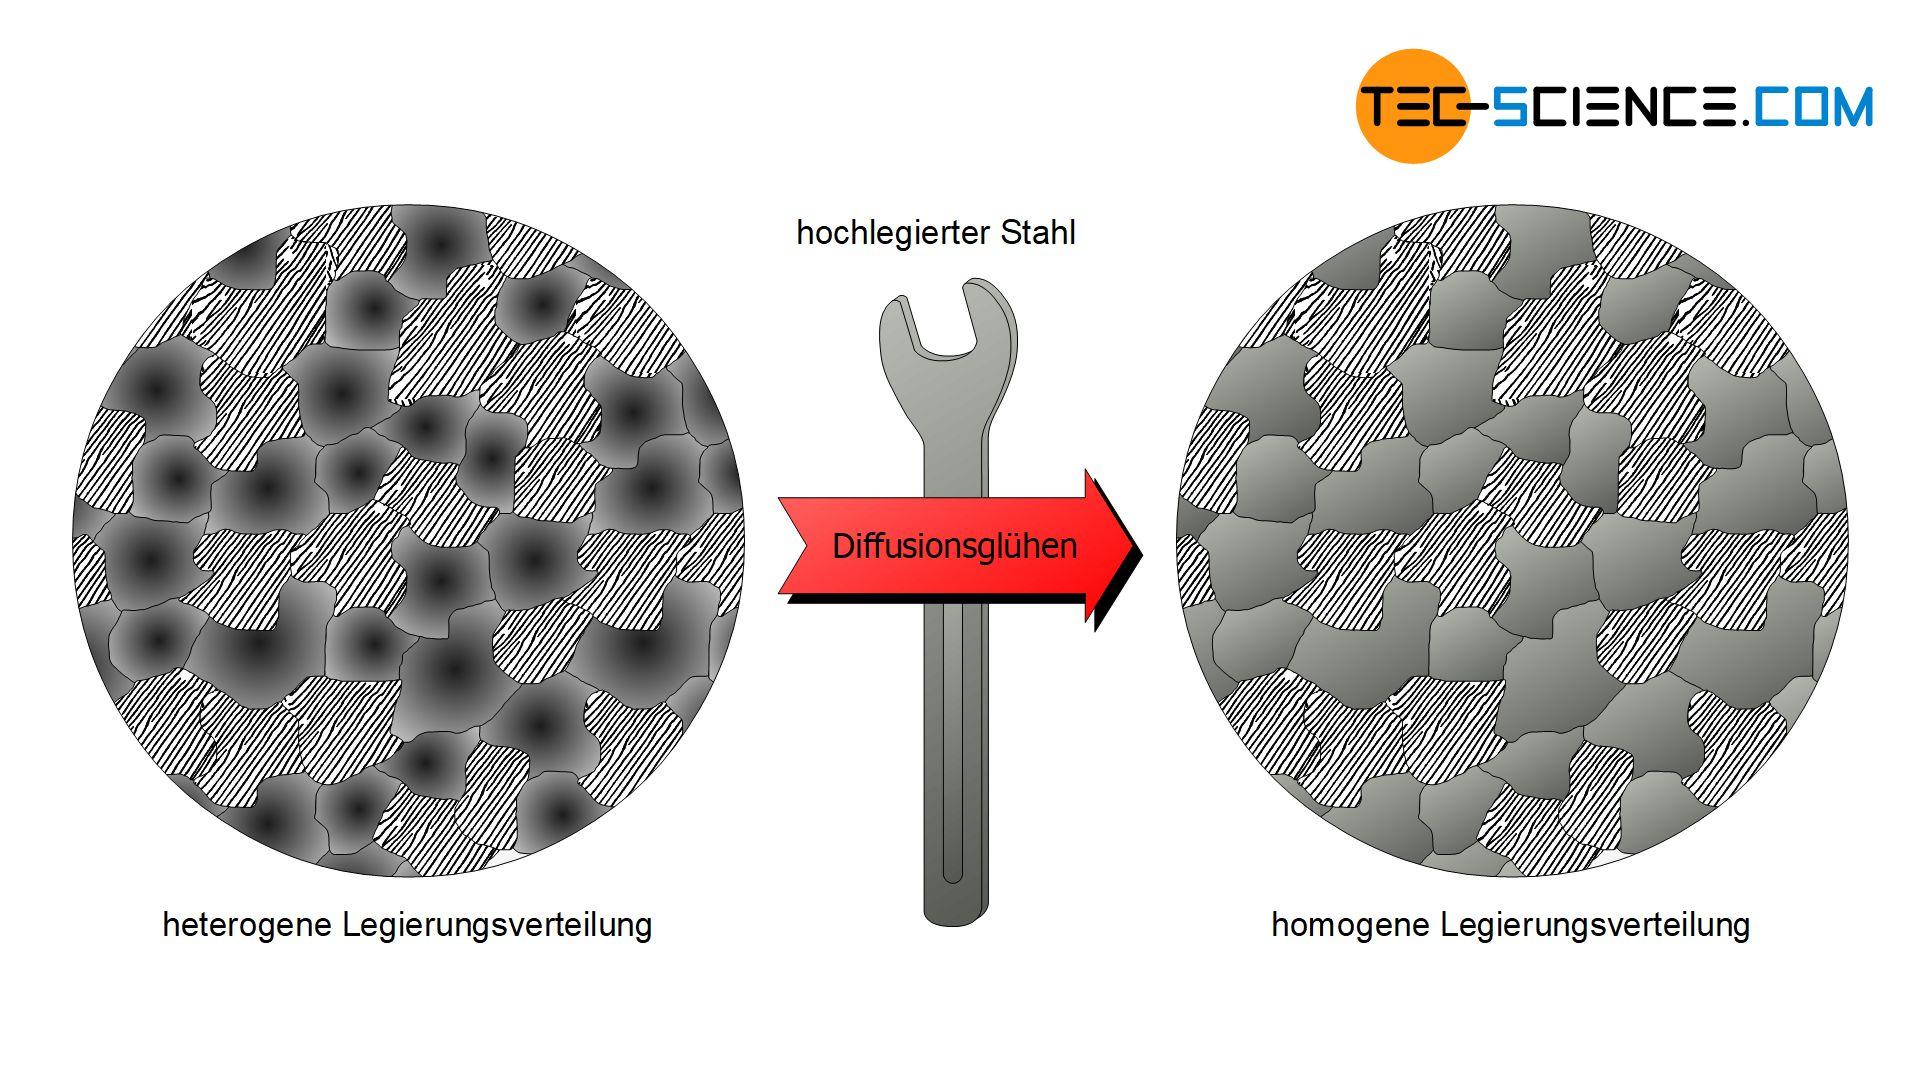 Diffusionsglühen eines hoch-legierten Stahls